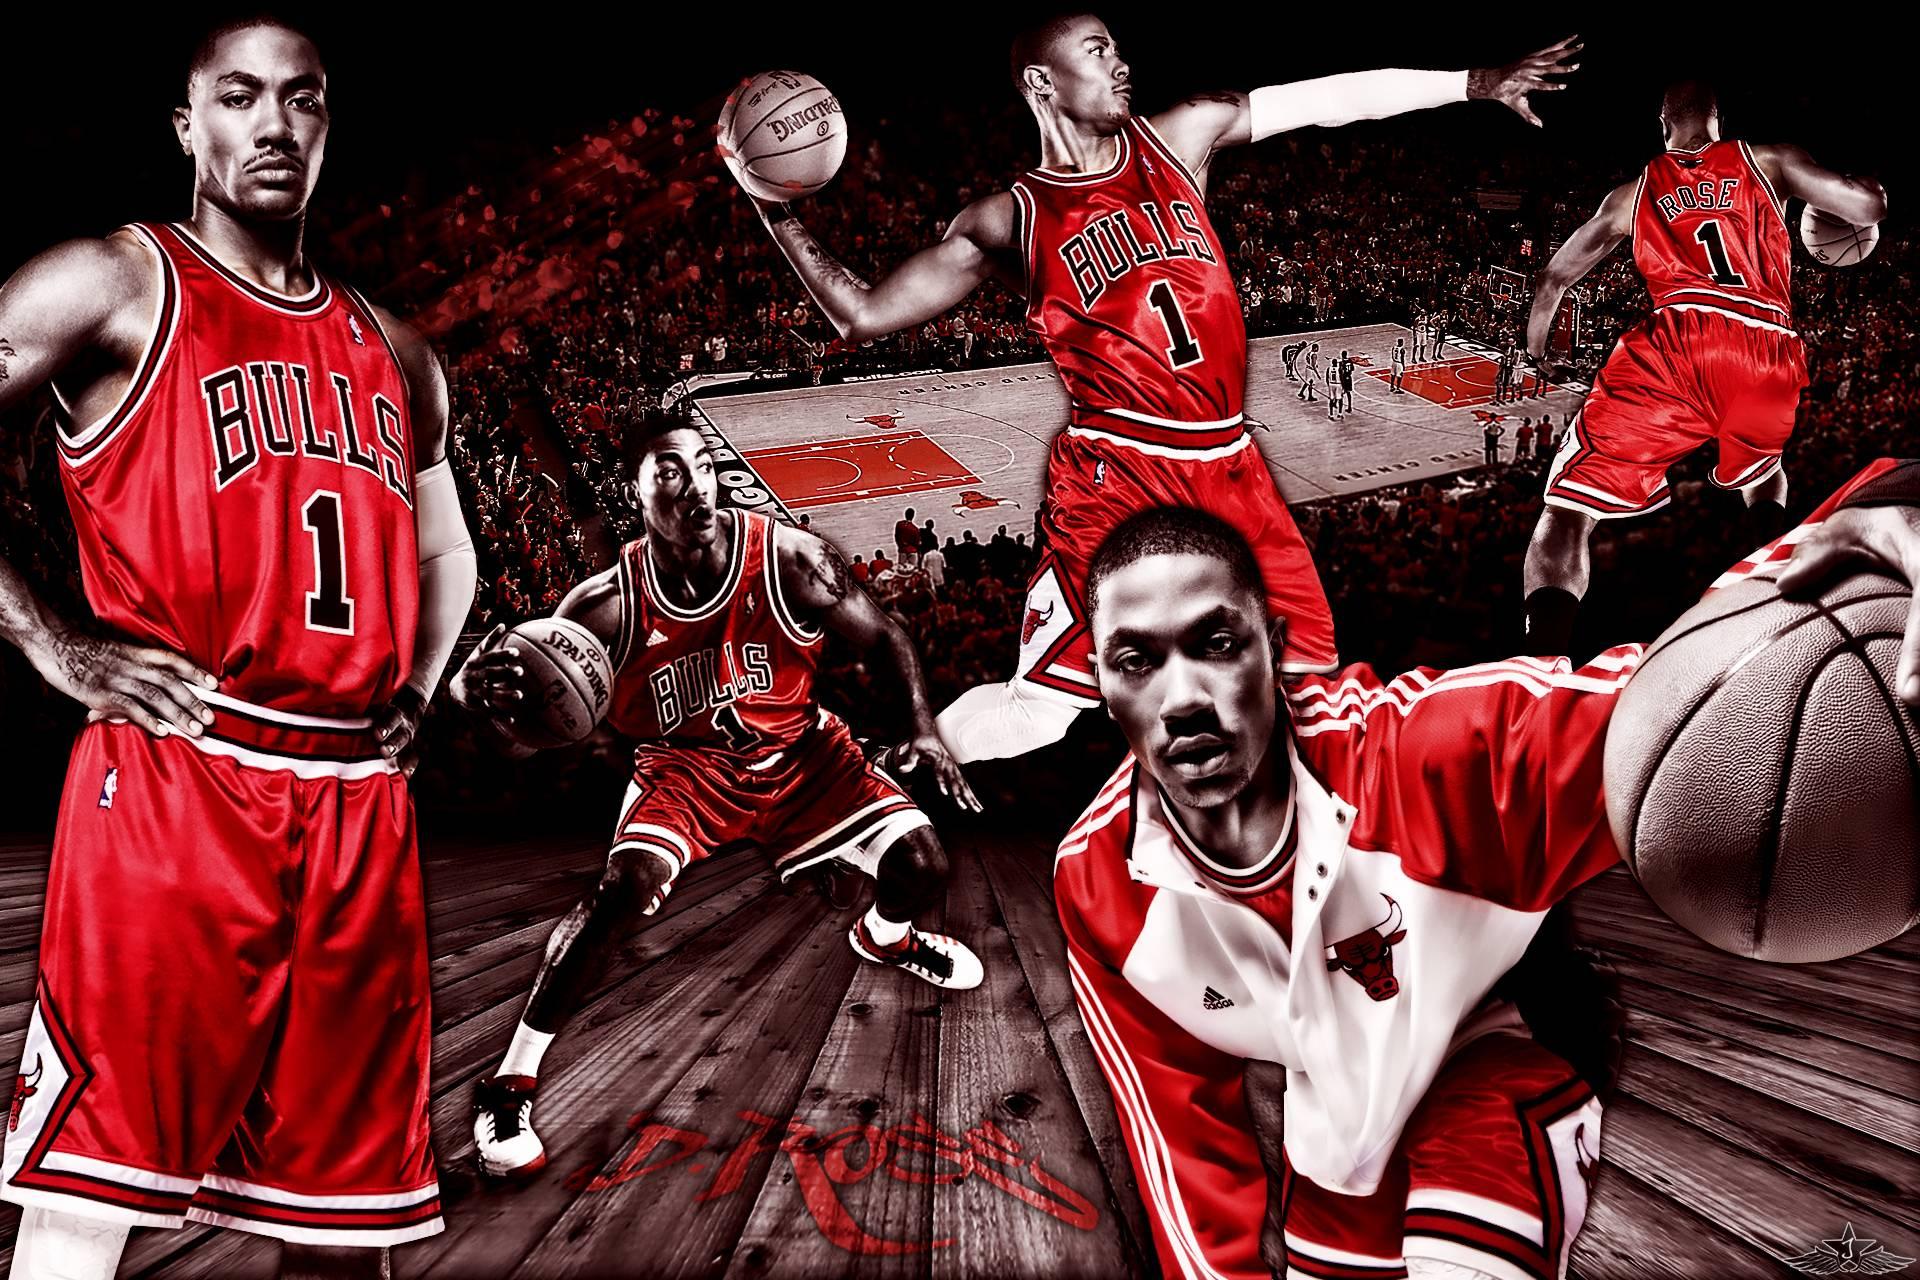 Derrick rose bulls wallpapers wallpaper cave - Derrick rose cool wallpaper ...